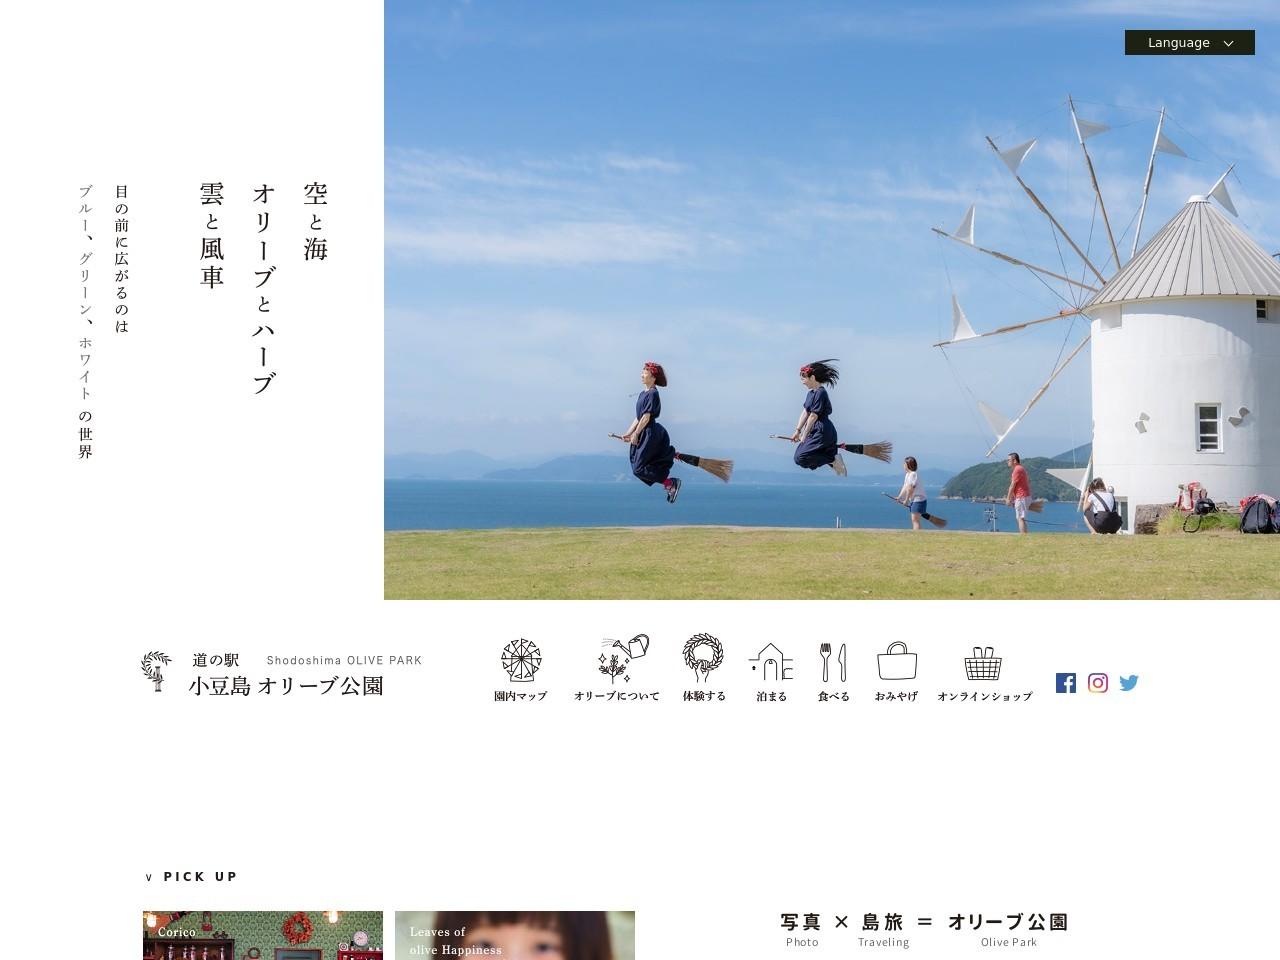 道の駅 小豆島オリーブ公園 公式サイト